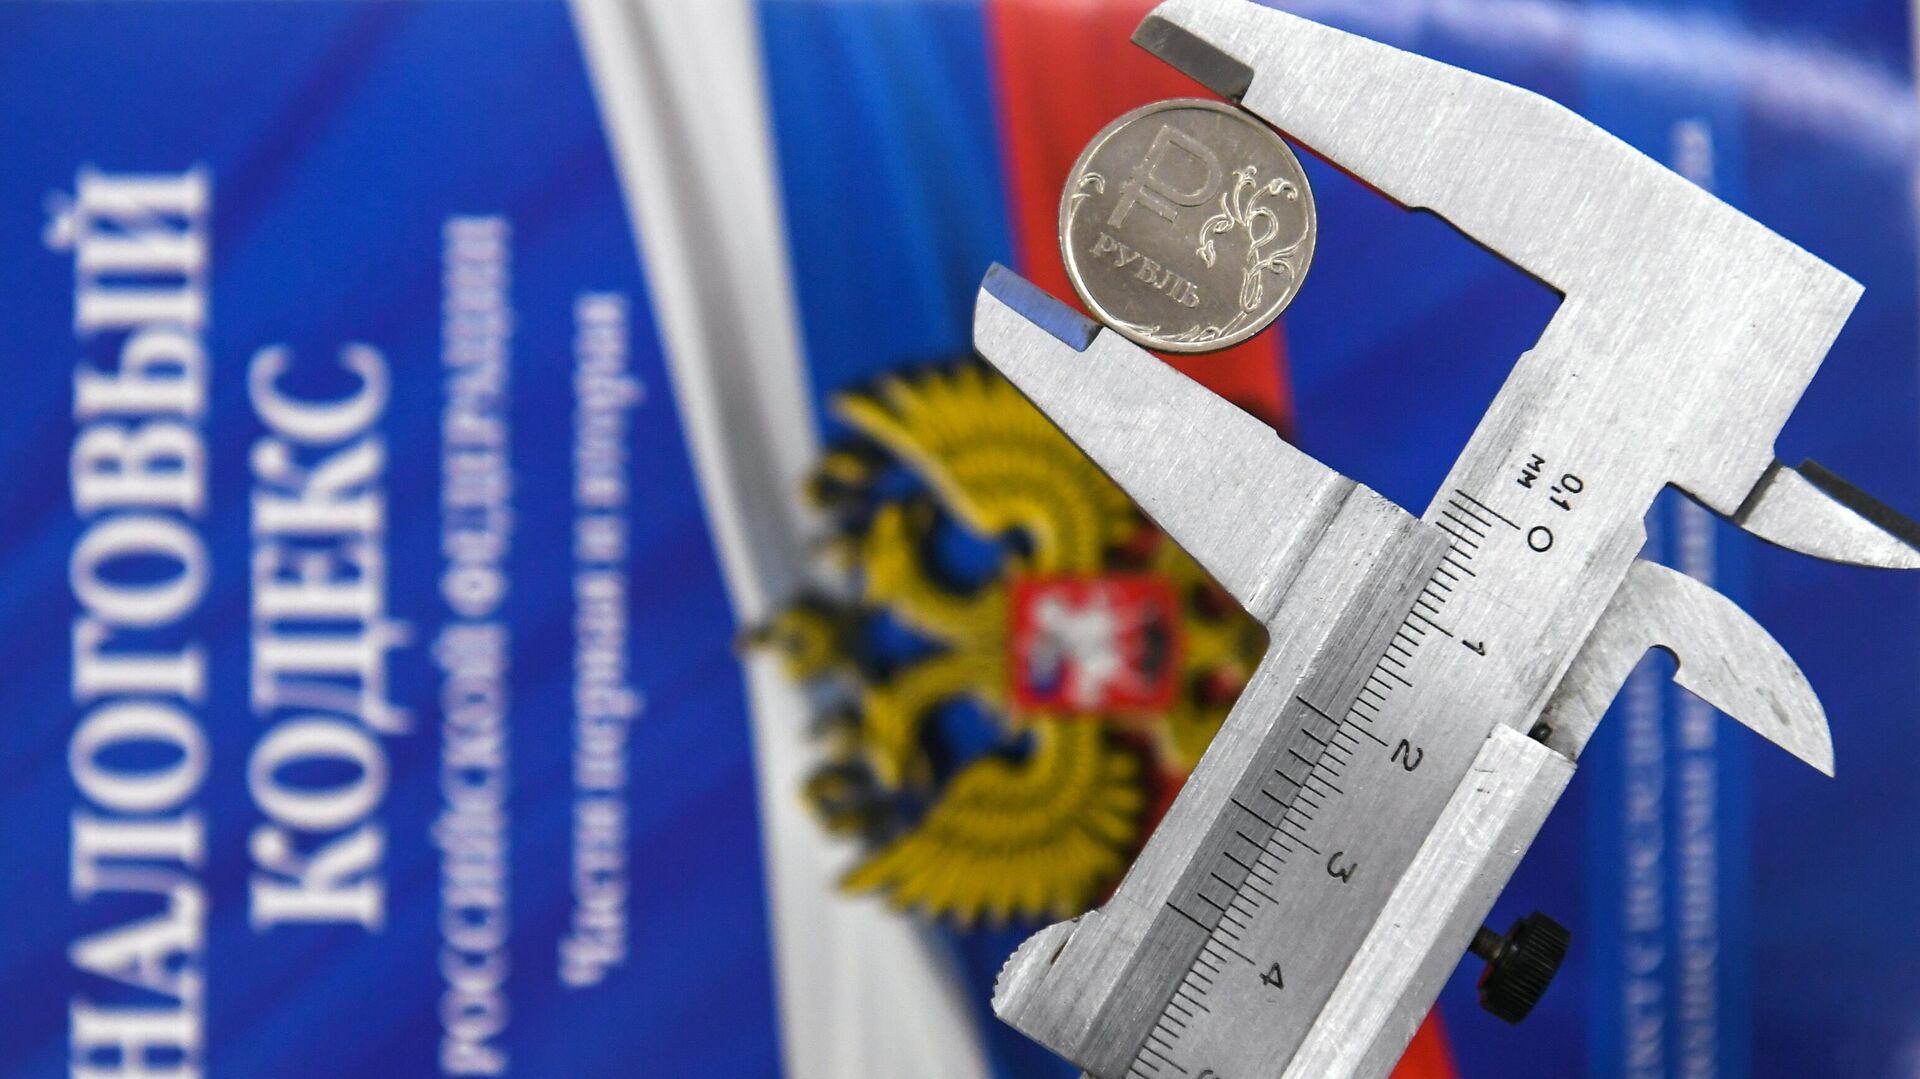 Штангенциркуль с монетой России и налоговый кодекс РФ - РИА Новости, 1920, 25.05.2021